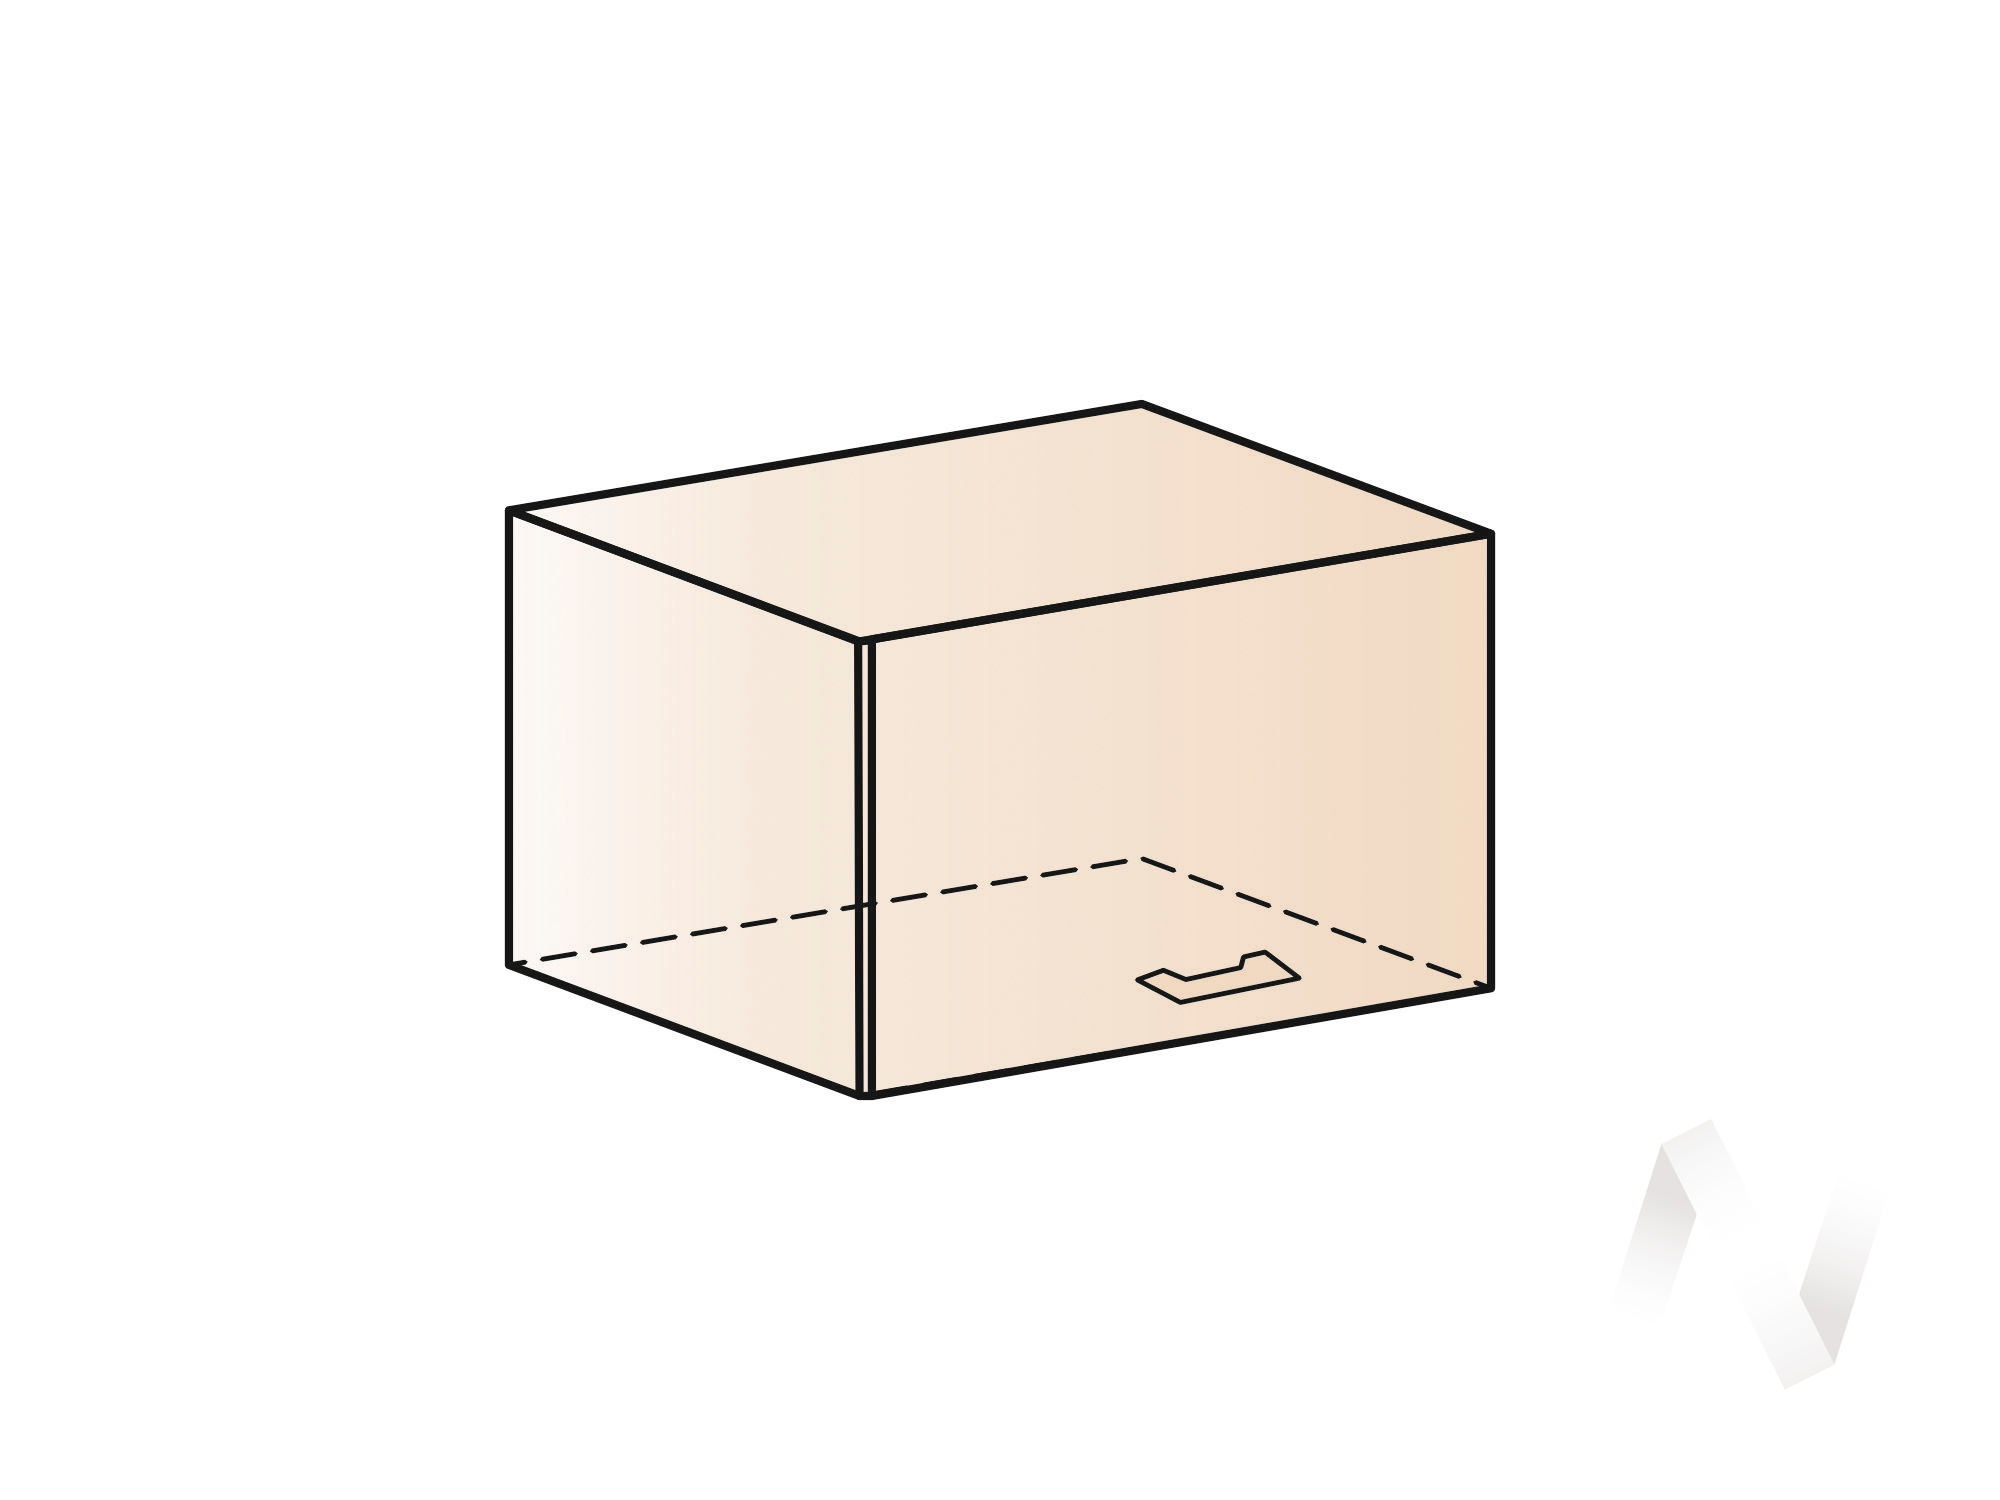 """Кухня """"Люкс"""": Шкаф верхний горизонтальный 600, ШВГ 600 (Шелк жемчуг/корпус белый) в Новосибирске в интернет-магазине мебели kuhnya54.ru"""